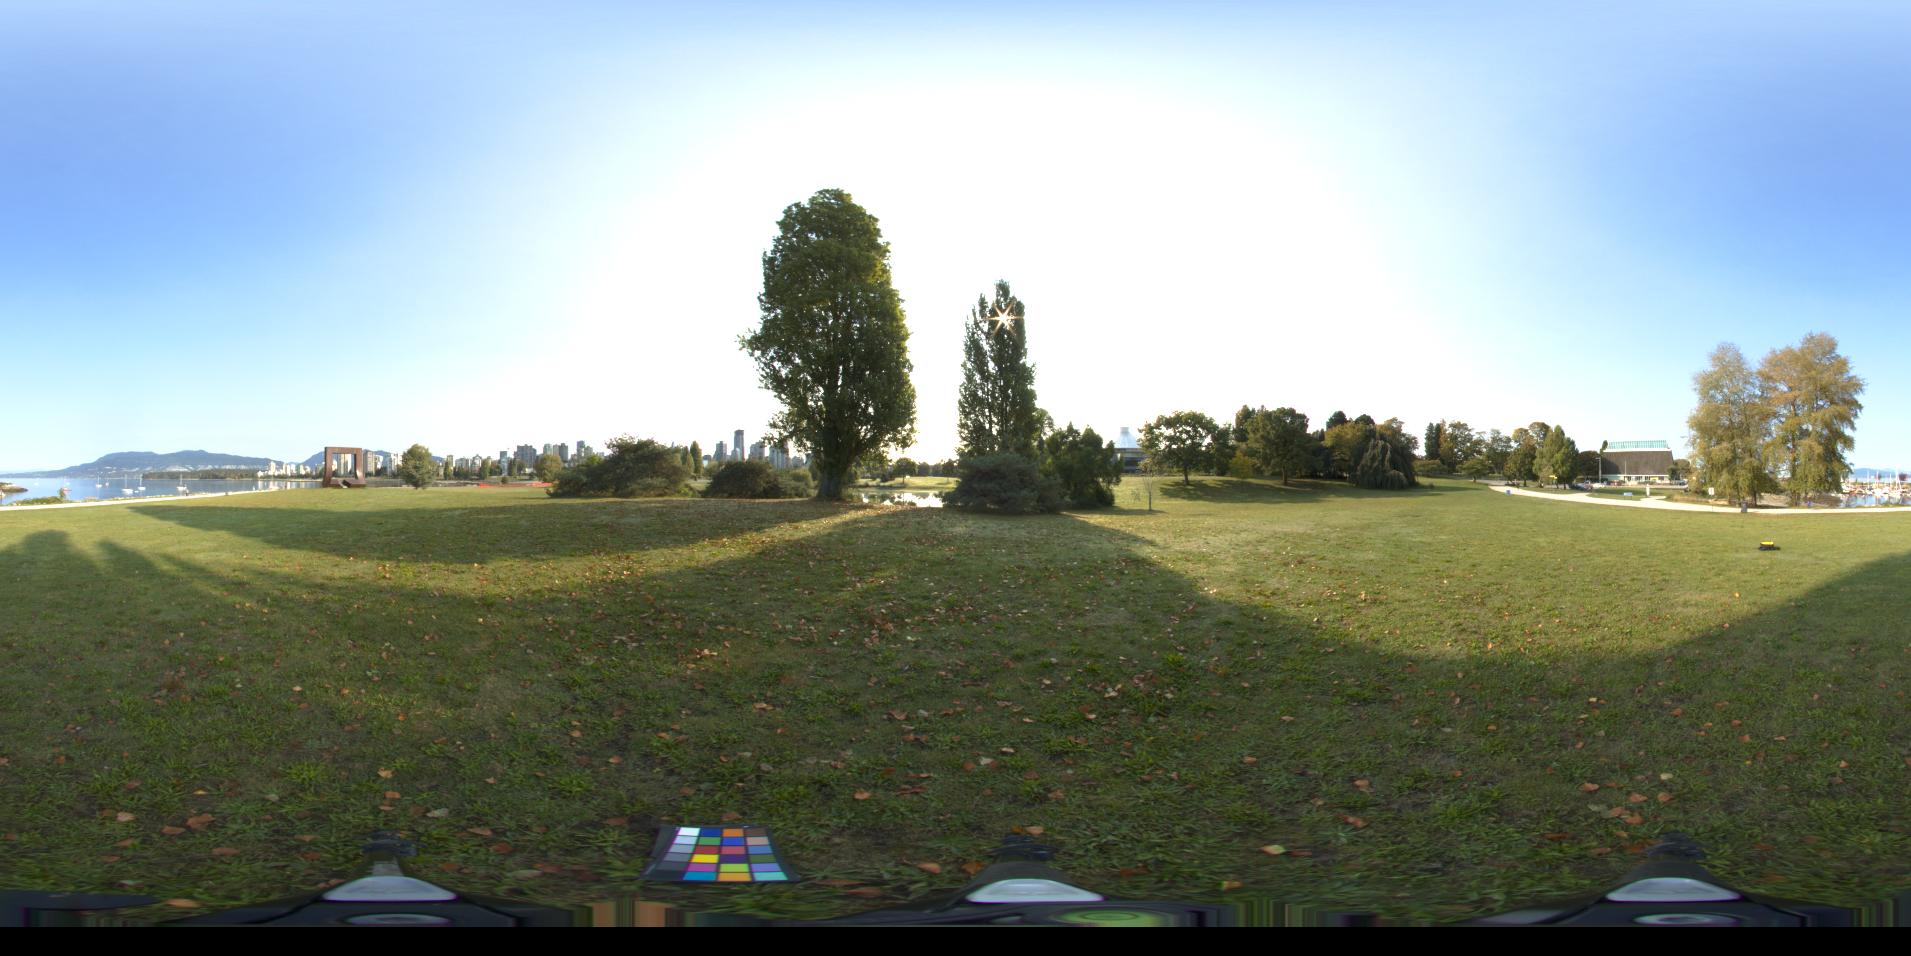 HDRI Stitched Panorama